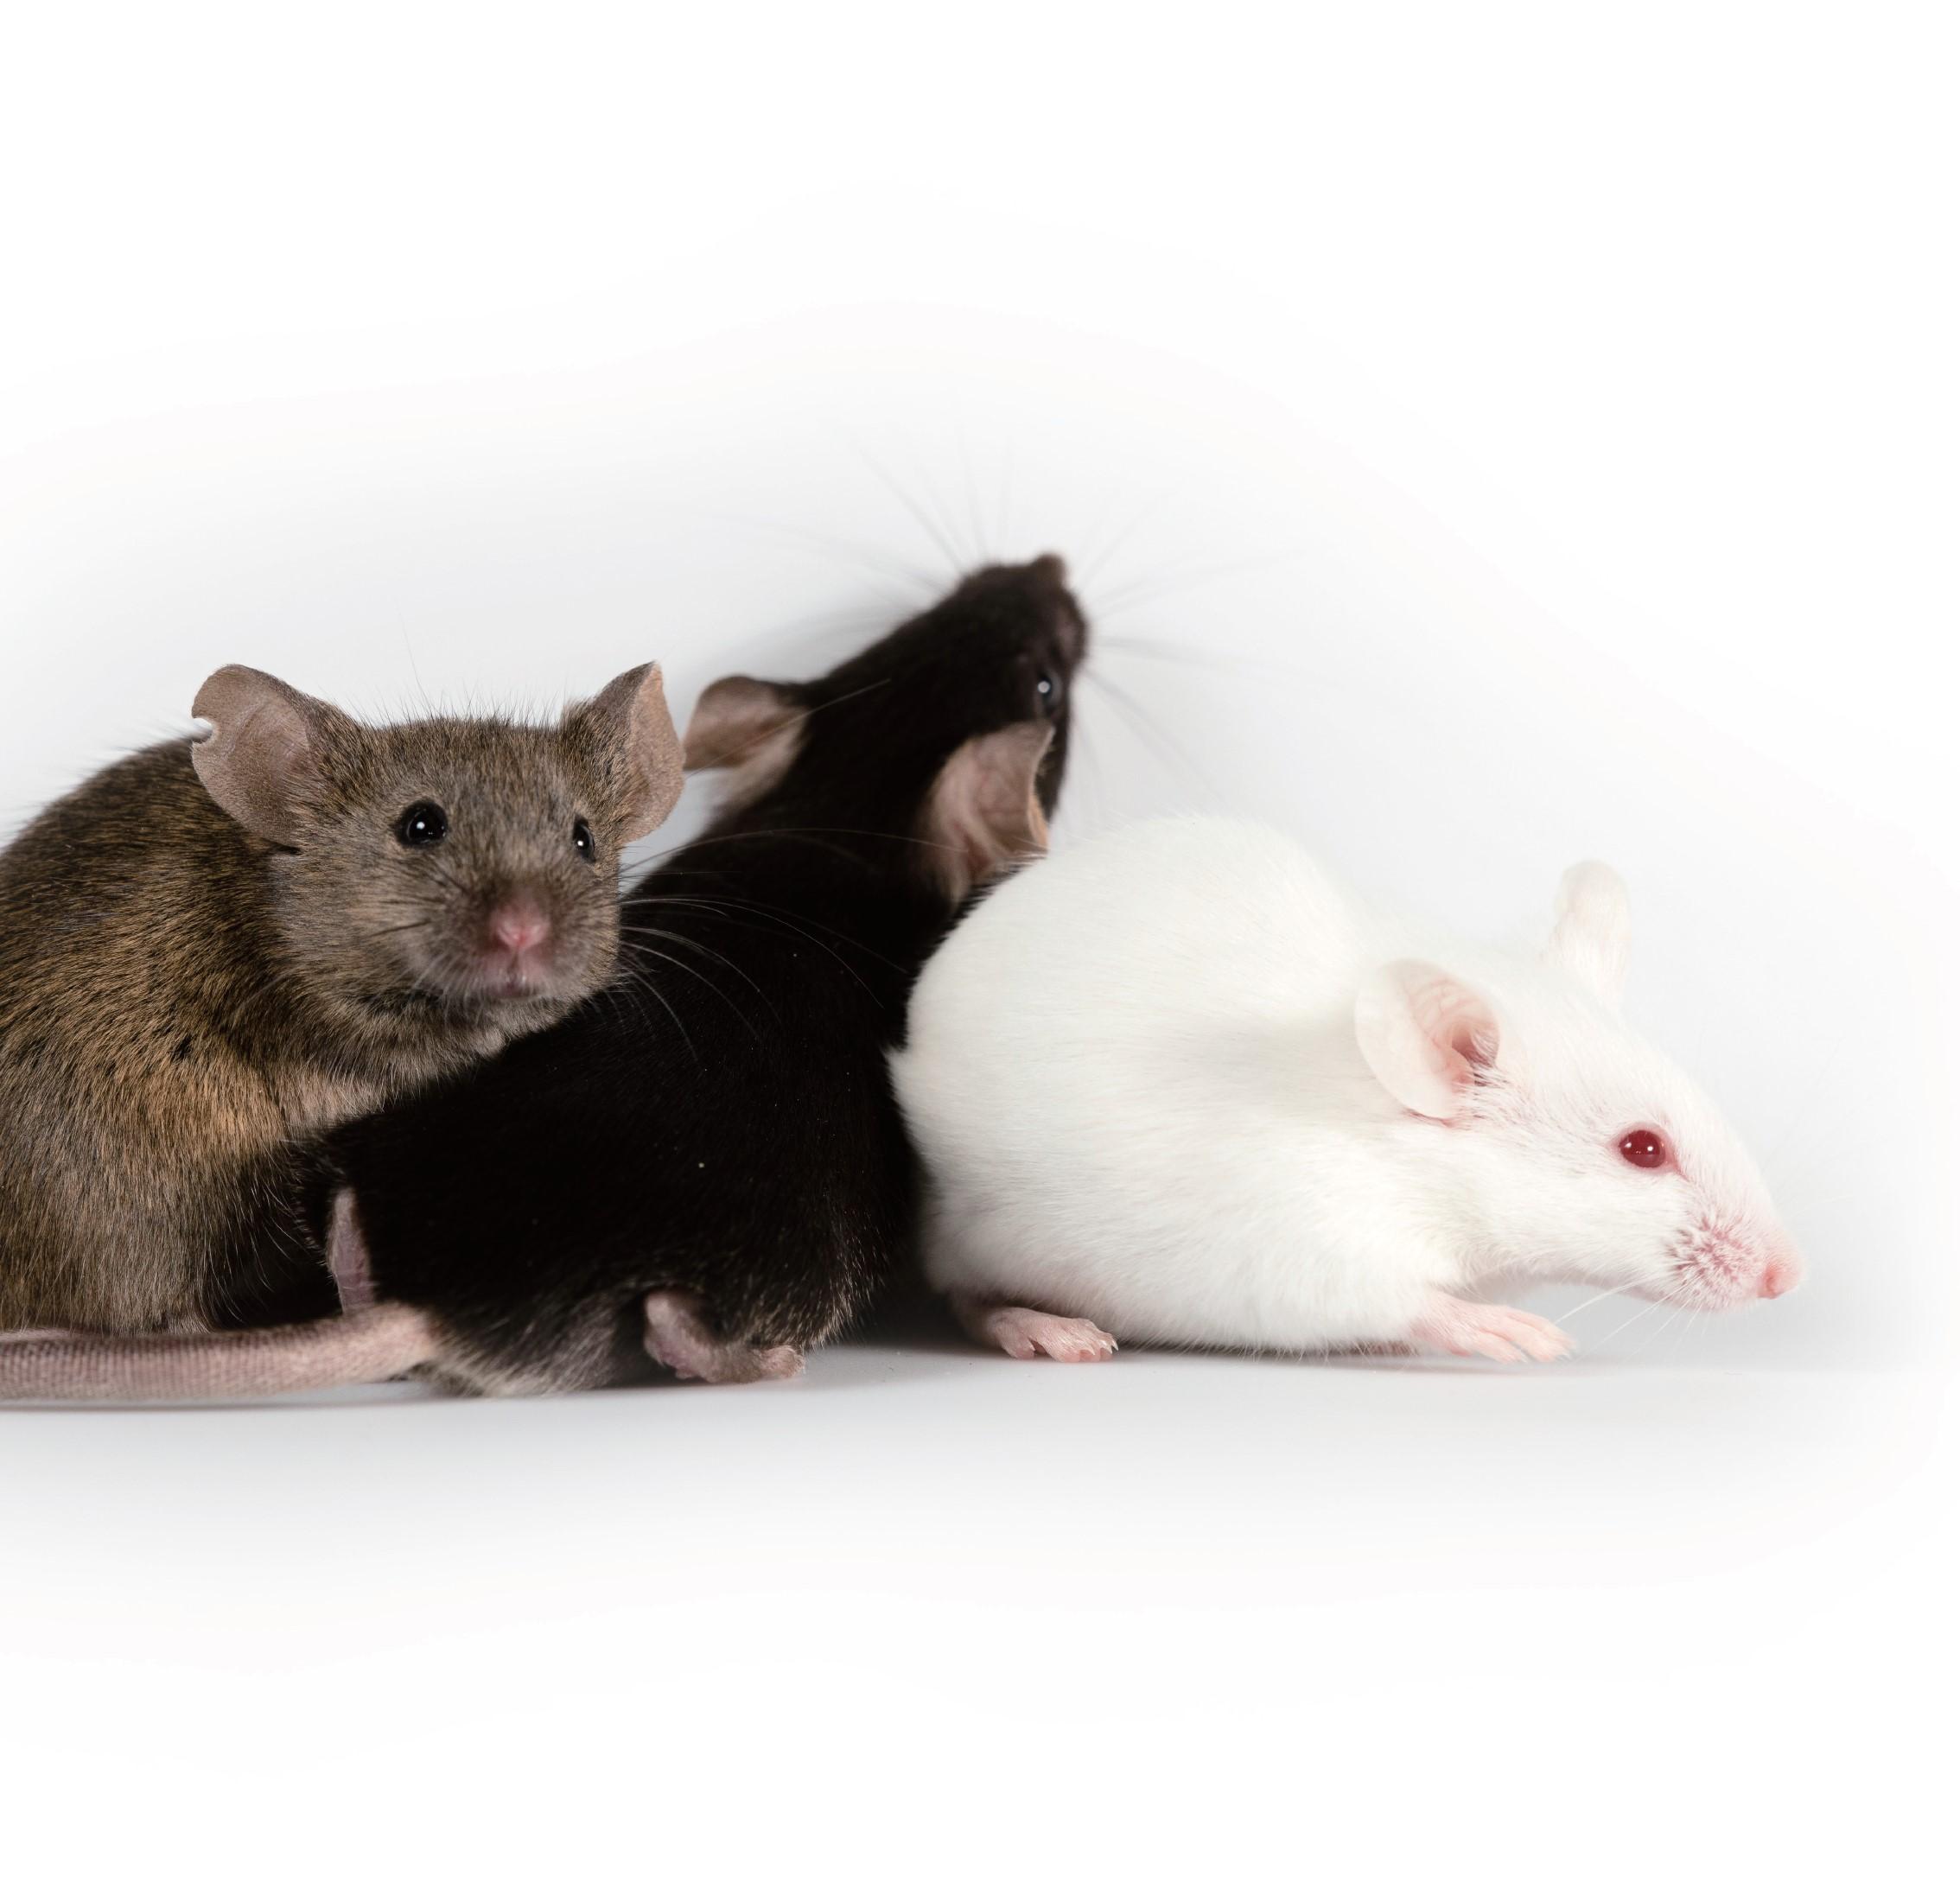 基因敲除小鼠模型